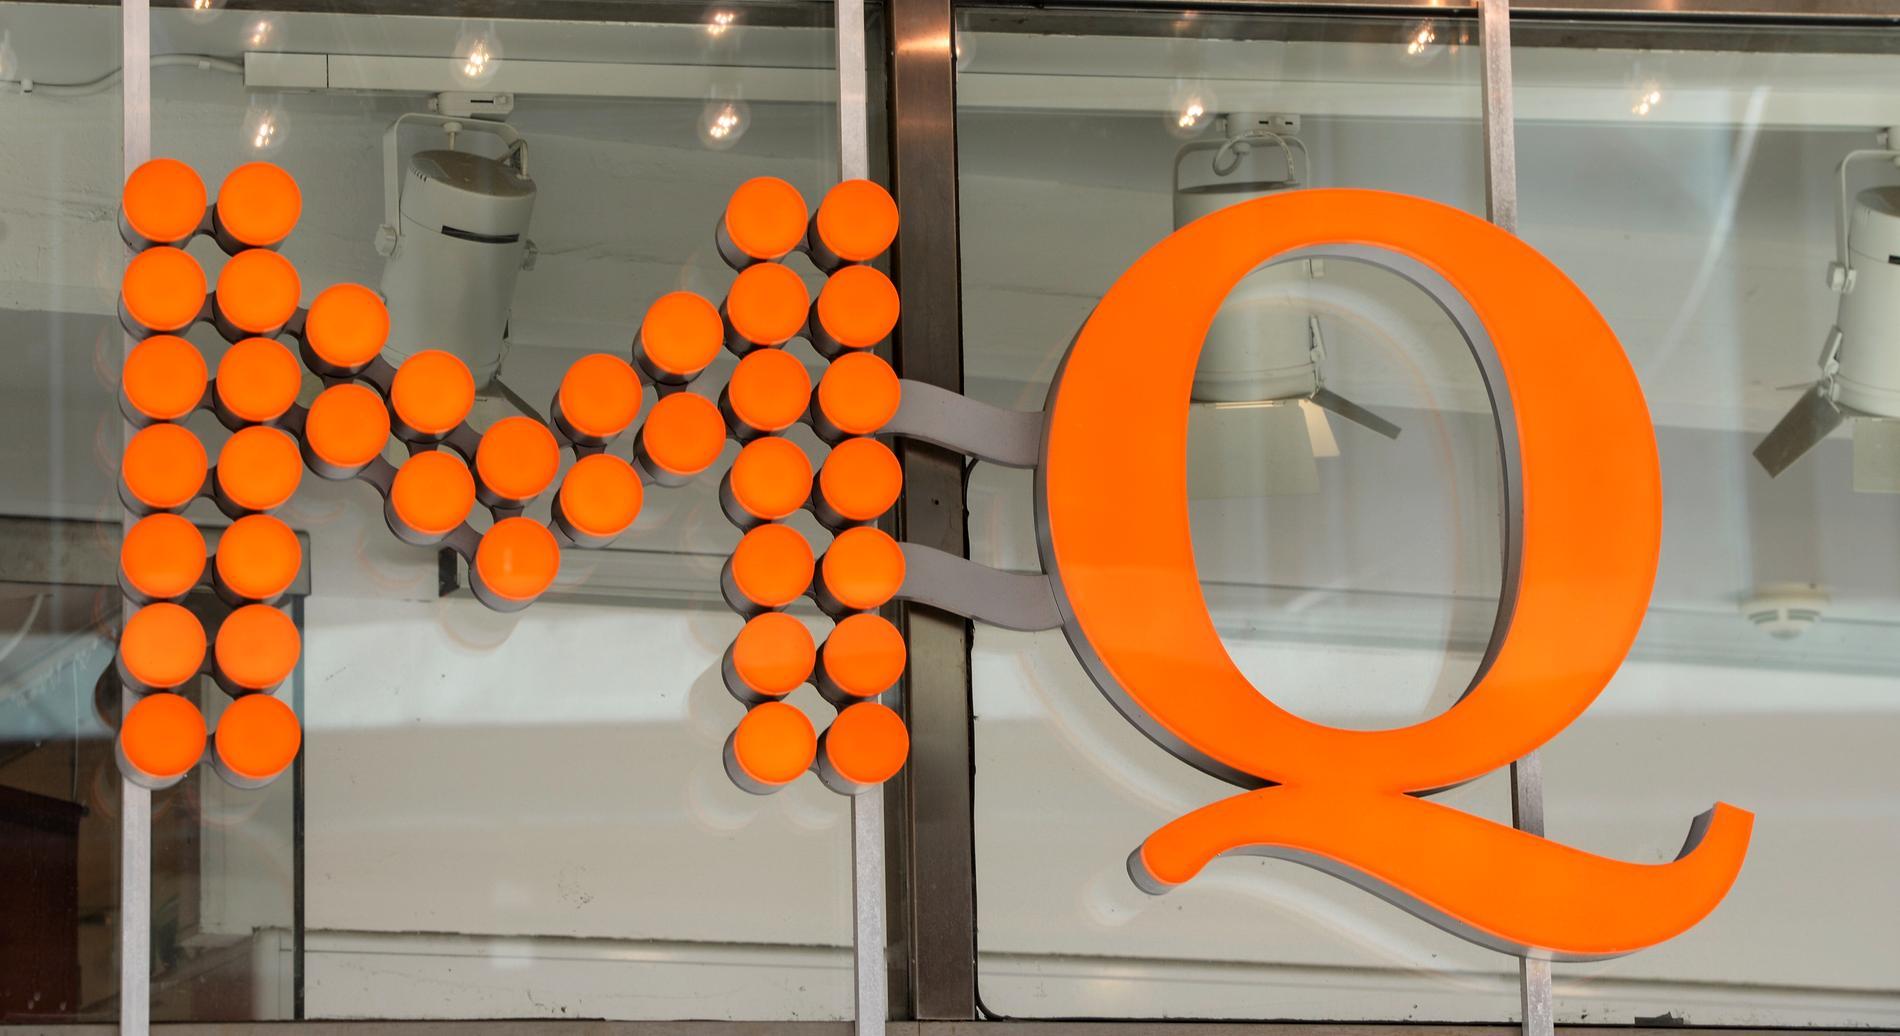 MQ grundades 1957, då under namnet Detex. 1979 bytte kedjan namn till MAN och QVINNY. Sedan 1988 har företaget hetat MQ och nu är det alltså dags för nästa namnbyte.